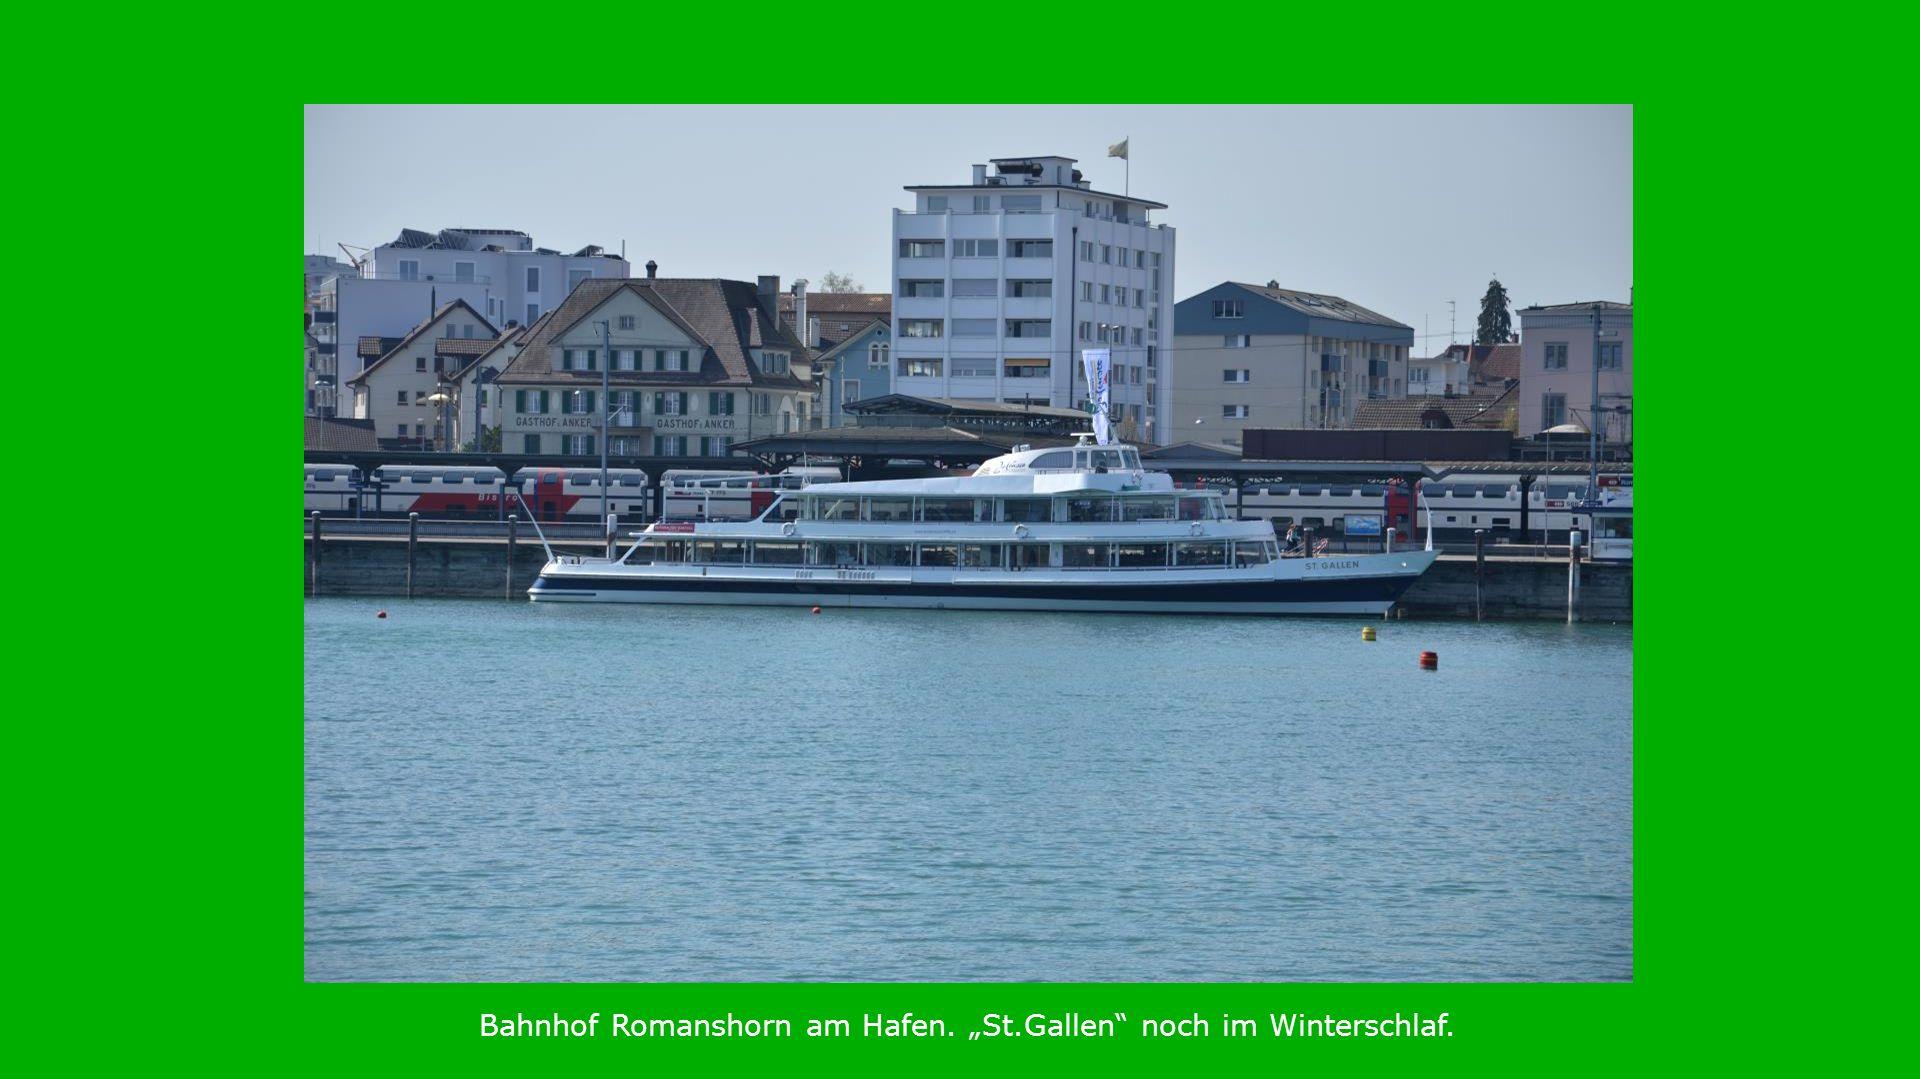 Bahnhof Romanshorn am Hafen. St.Gallen noch im Winterschlaf.